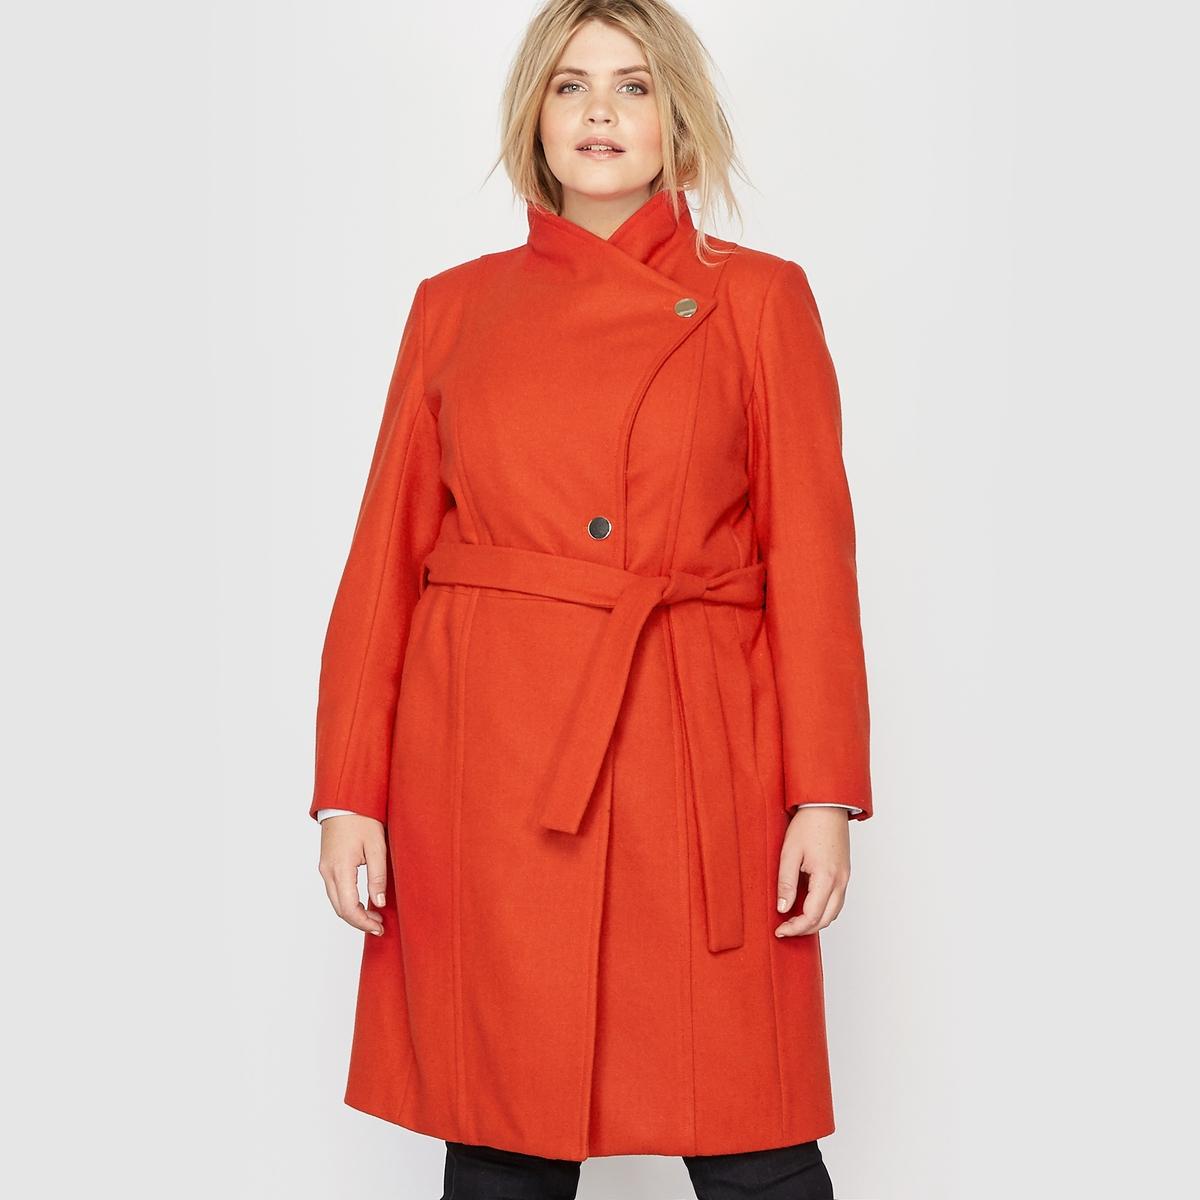 Пальто средней длины, 60% шерсти пальто 60% шерсти